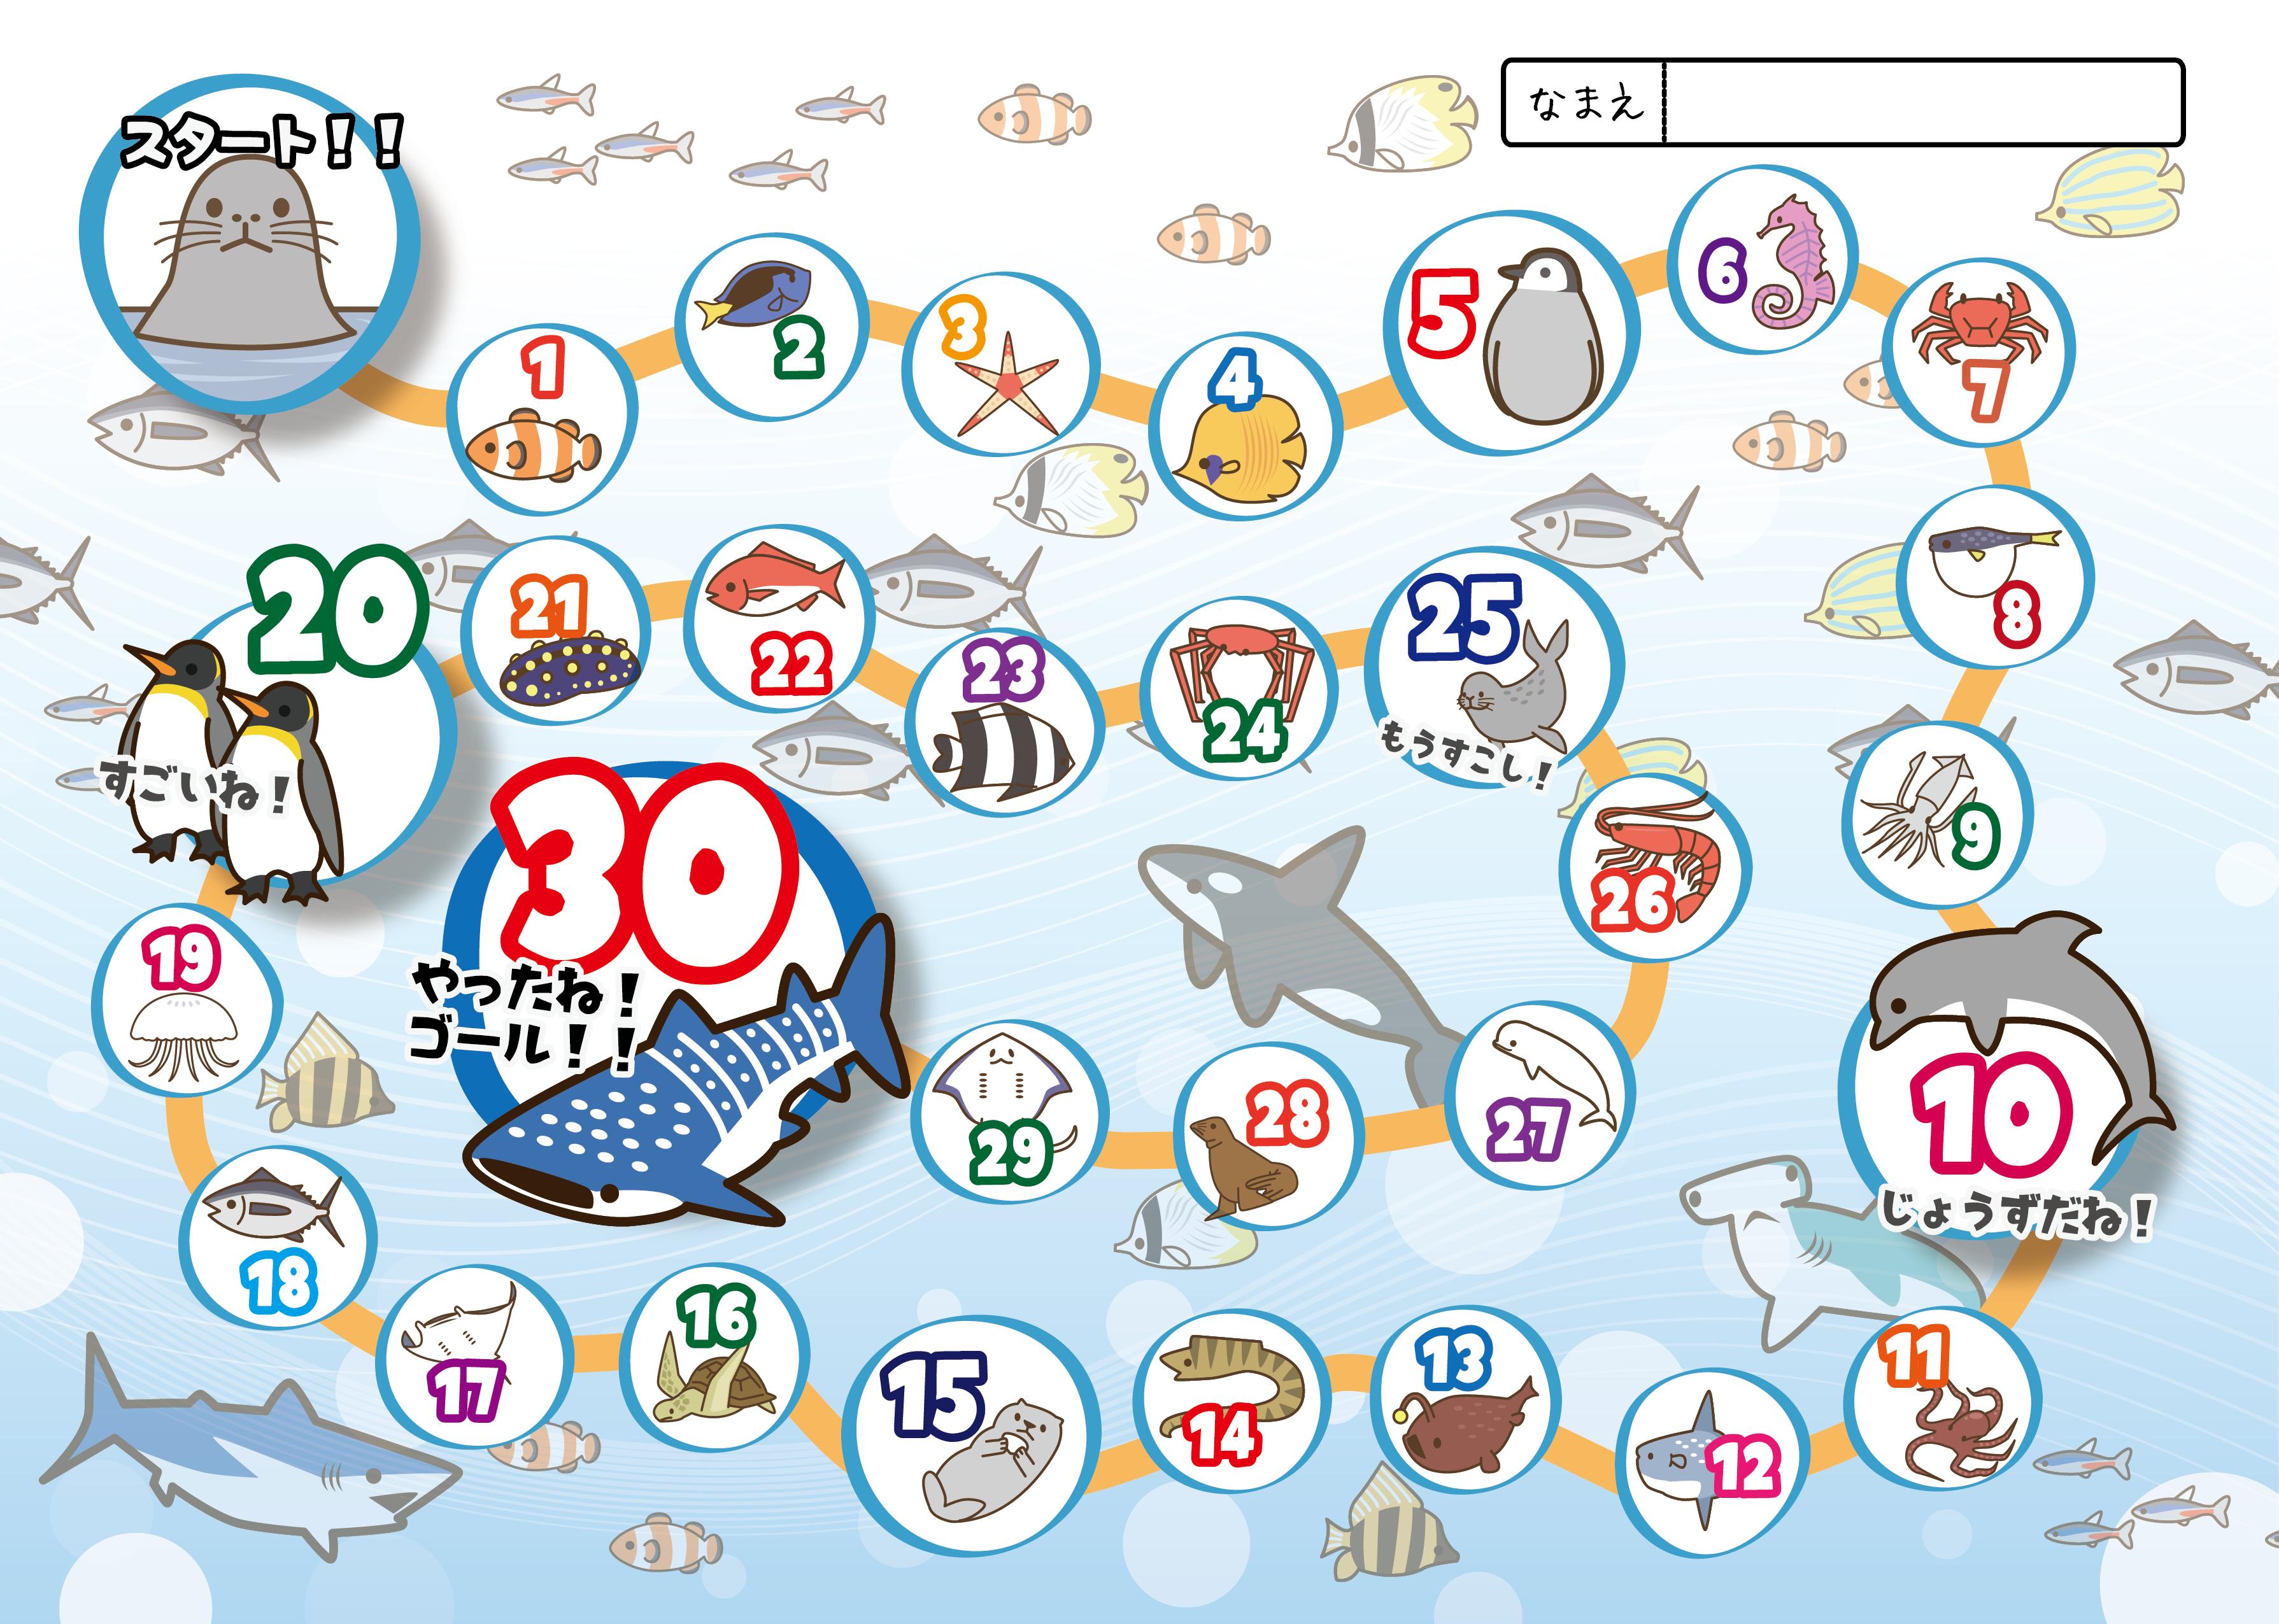 カレンダー カレンダー a4 2015 : 二日酔い os 1